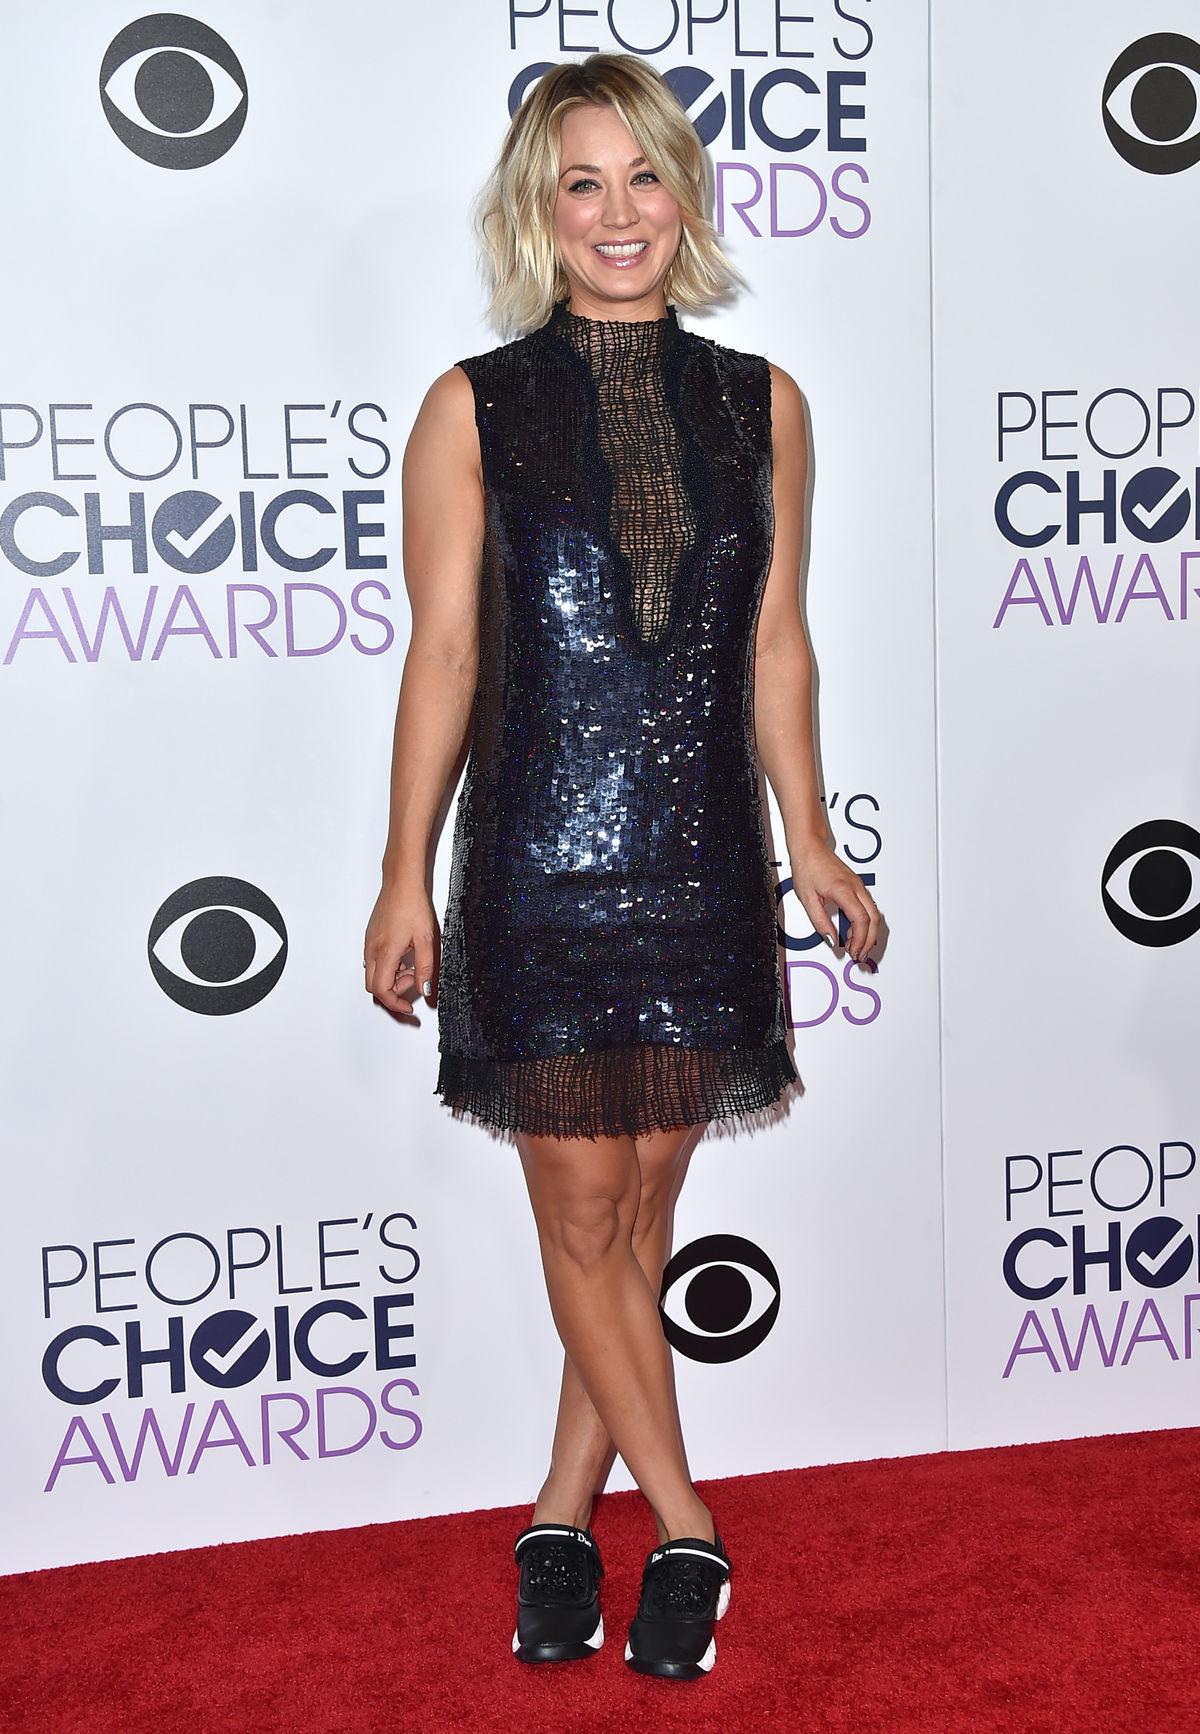 Herečka Kaley Cuoco sa v roku 2016 objavila na ceremoniál People's Choice Awards v teniskách luxusnej značky Dior. K minišatám trochu odvážna voľba, ktorá kritikov až tak nenadchla, ale hviezda si to vraj užila veľmi pohodlne.